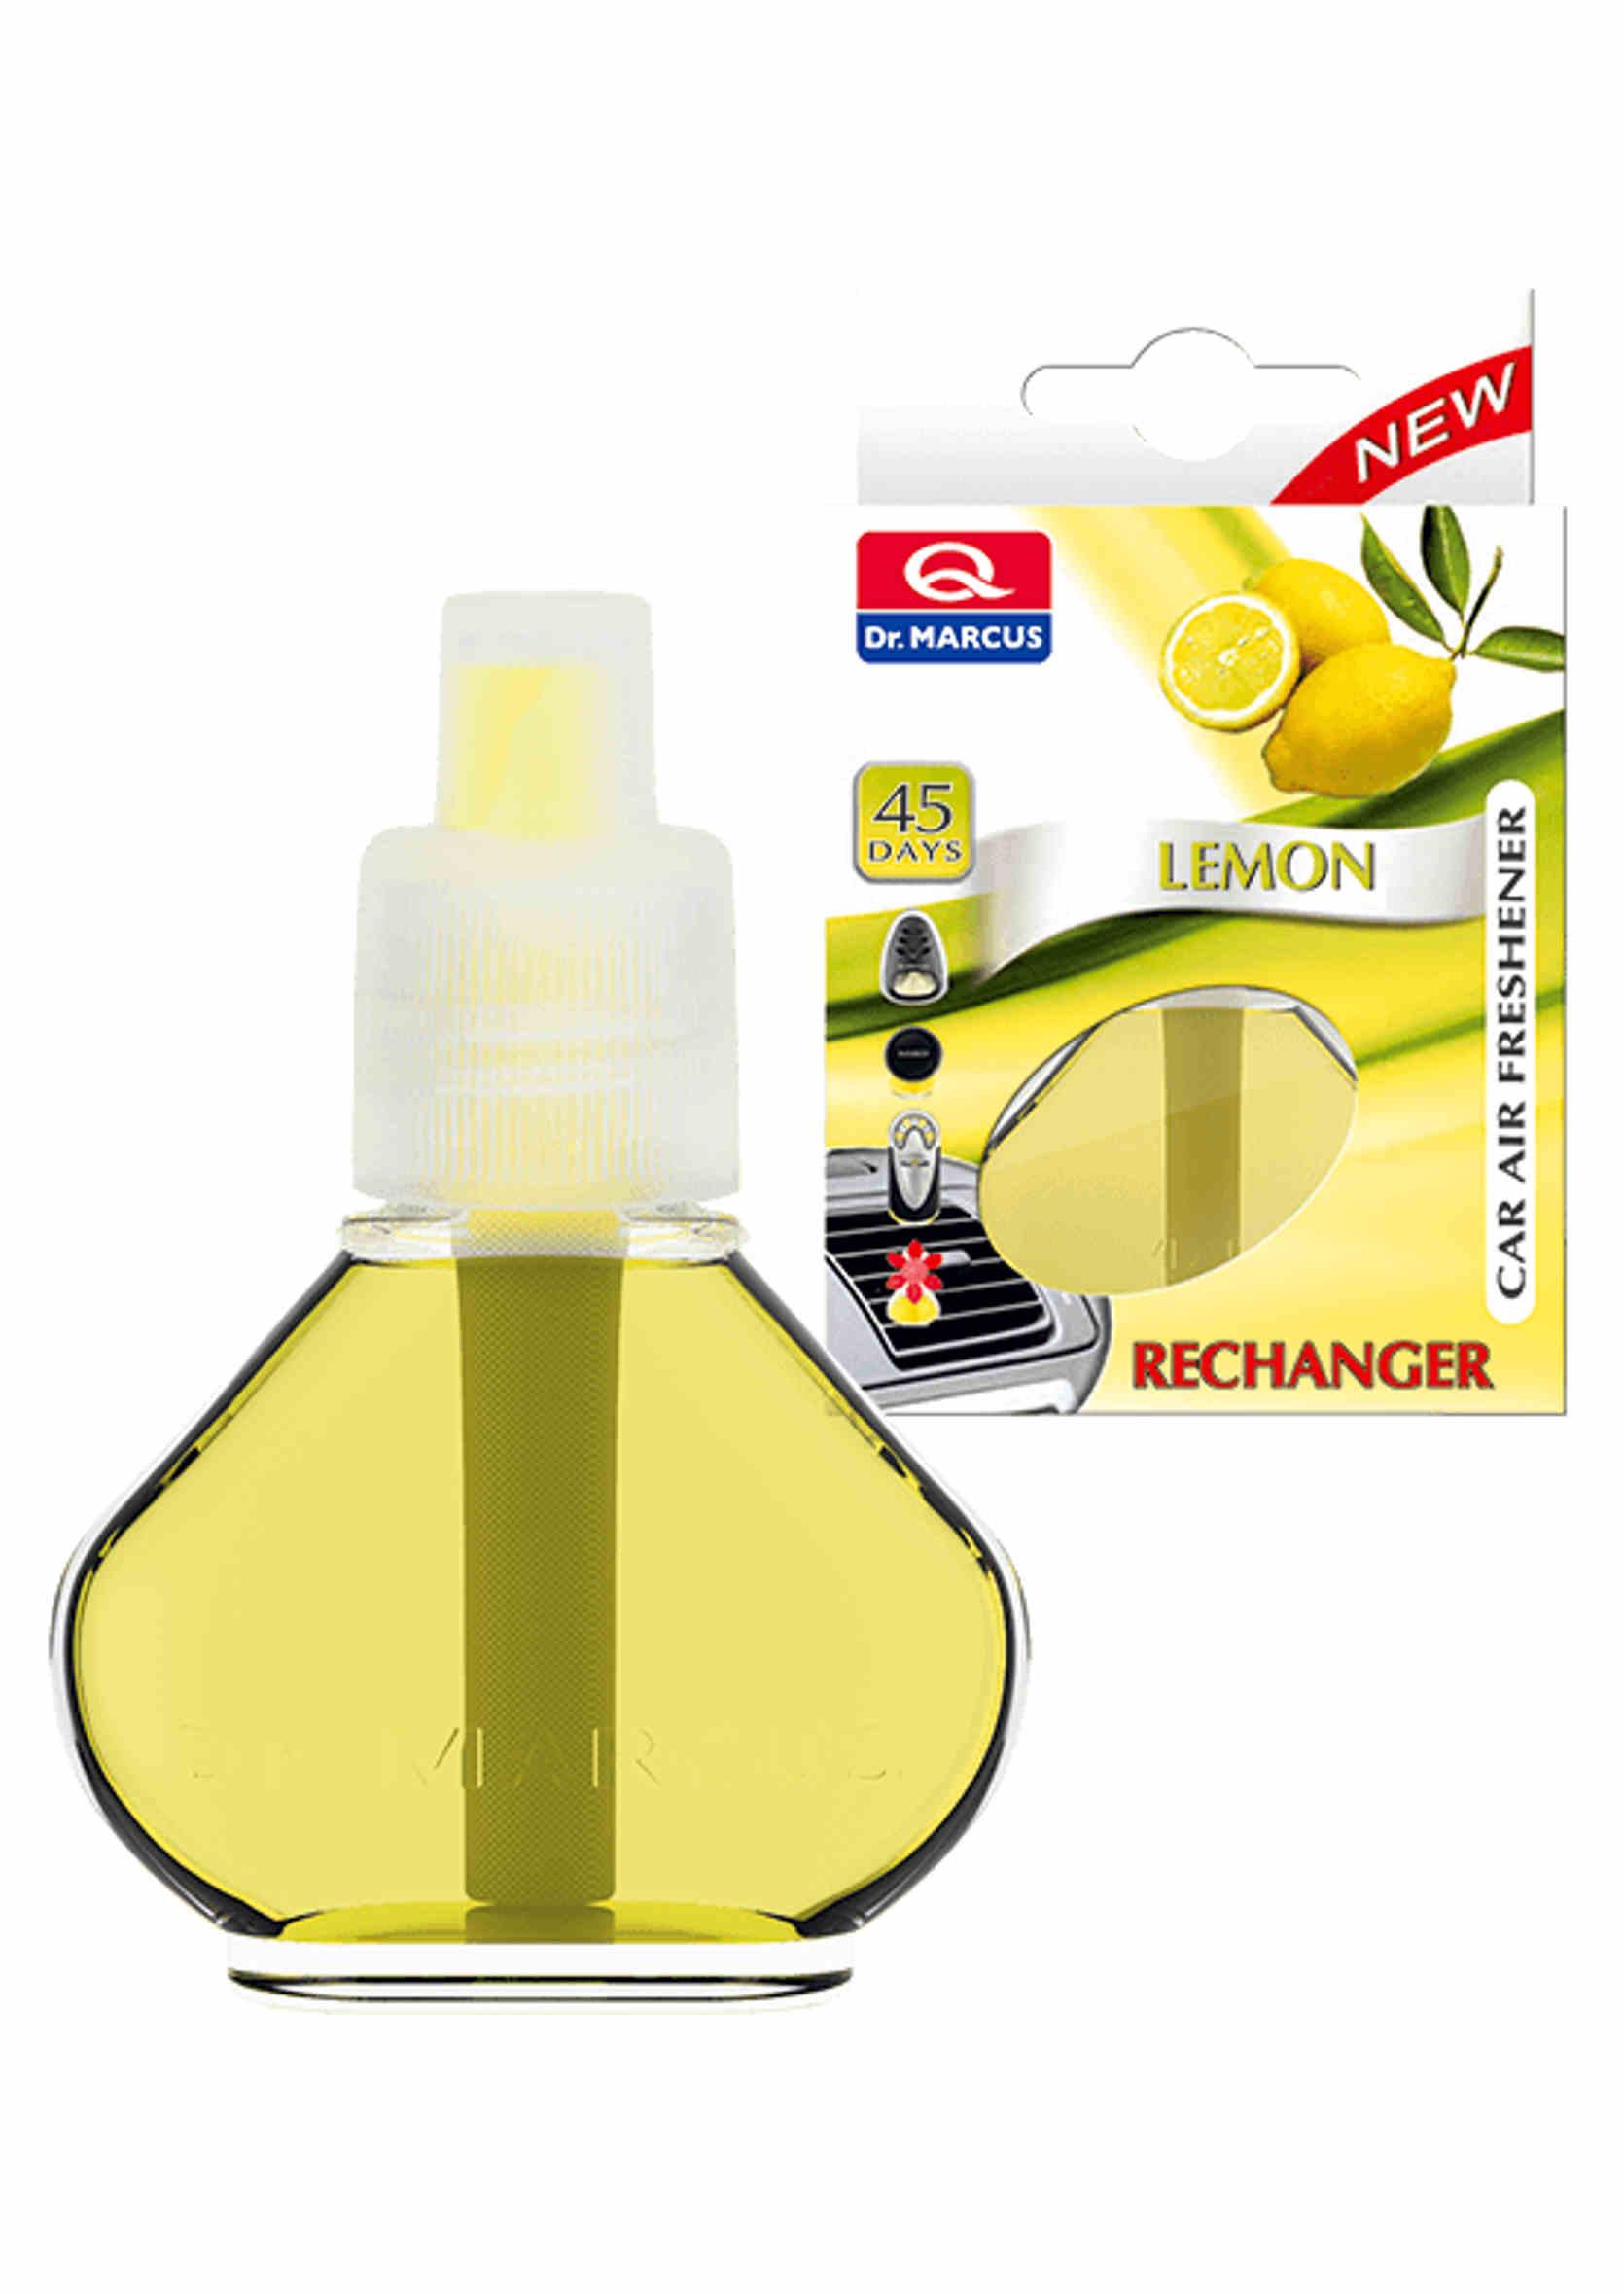 Dr. Marcus Rechanger Lemon 8ml Wkład do Zapachu Samochodowego Cytryna